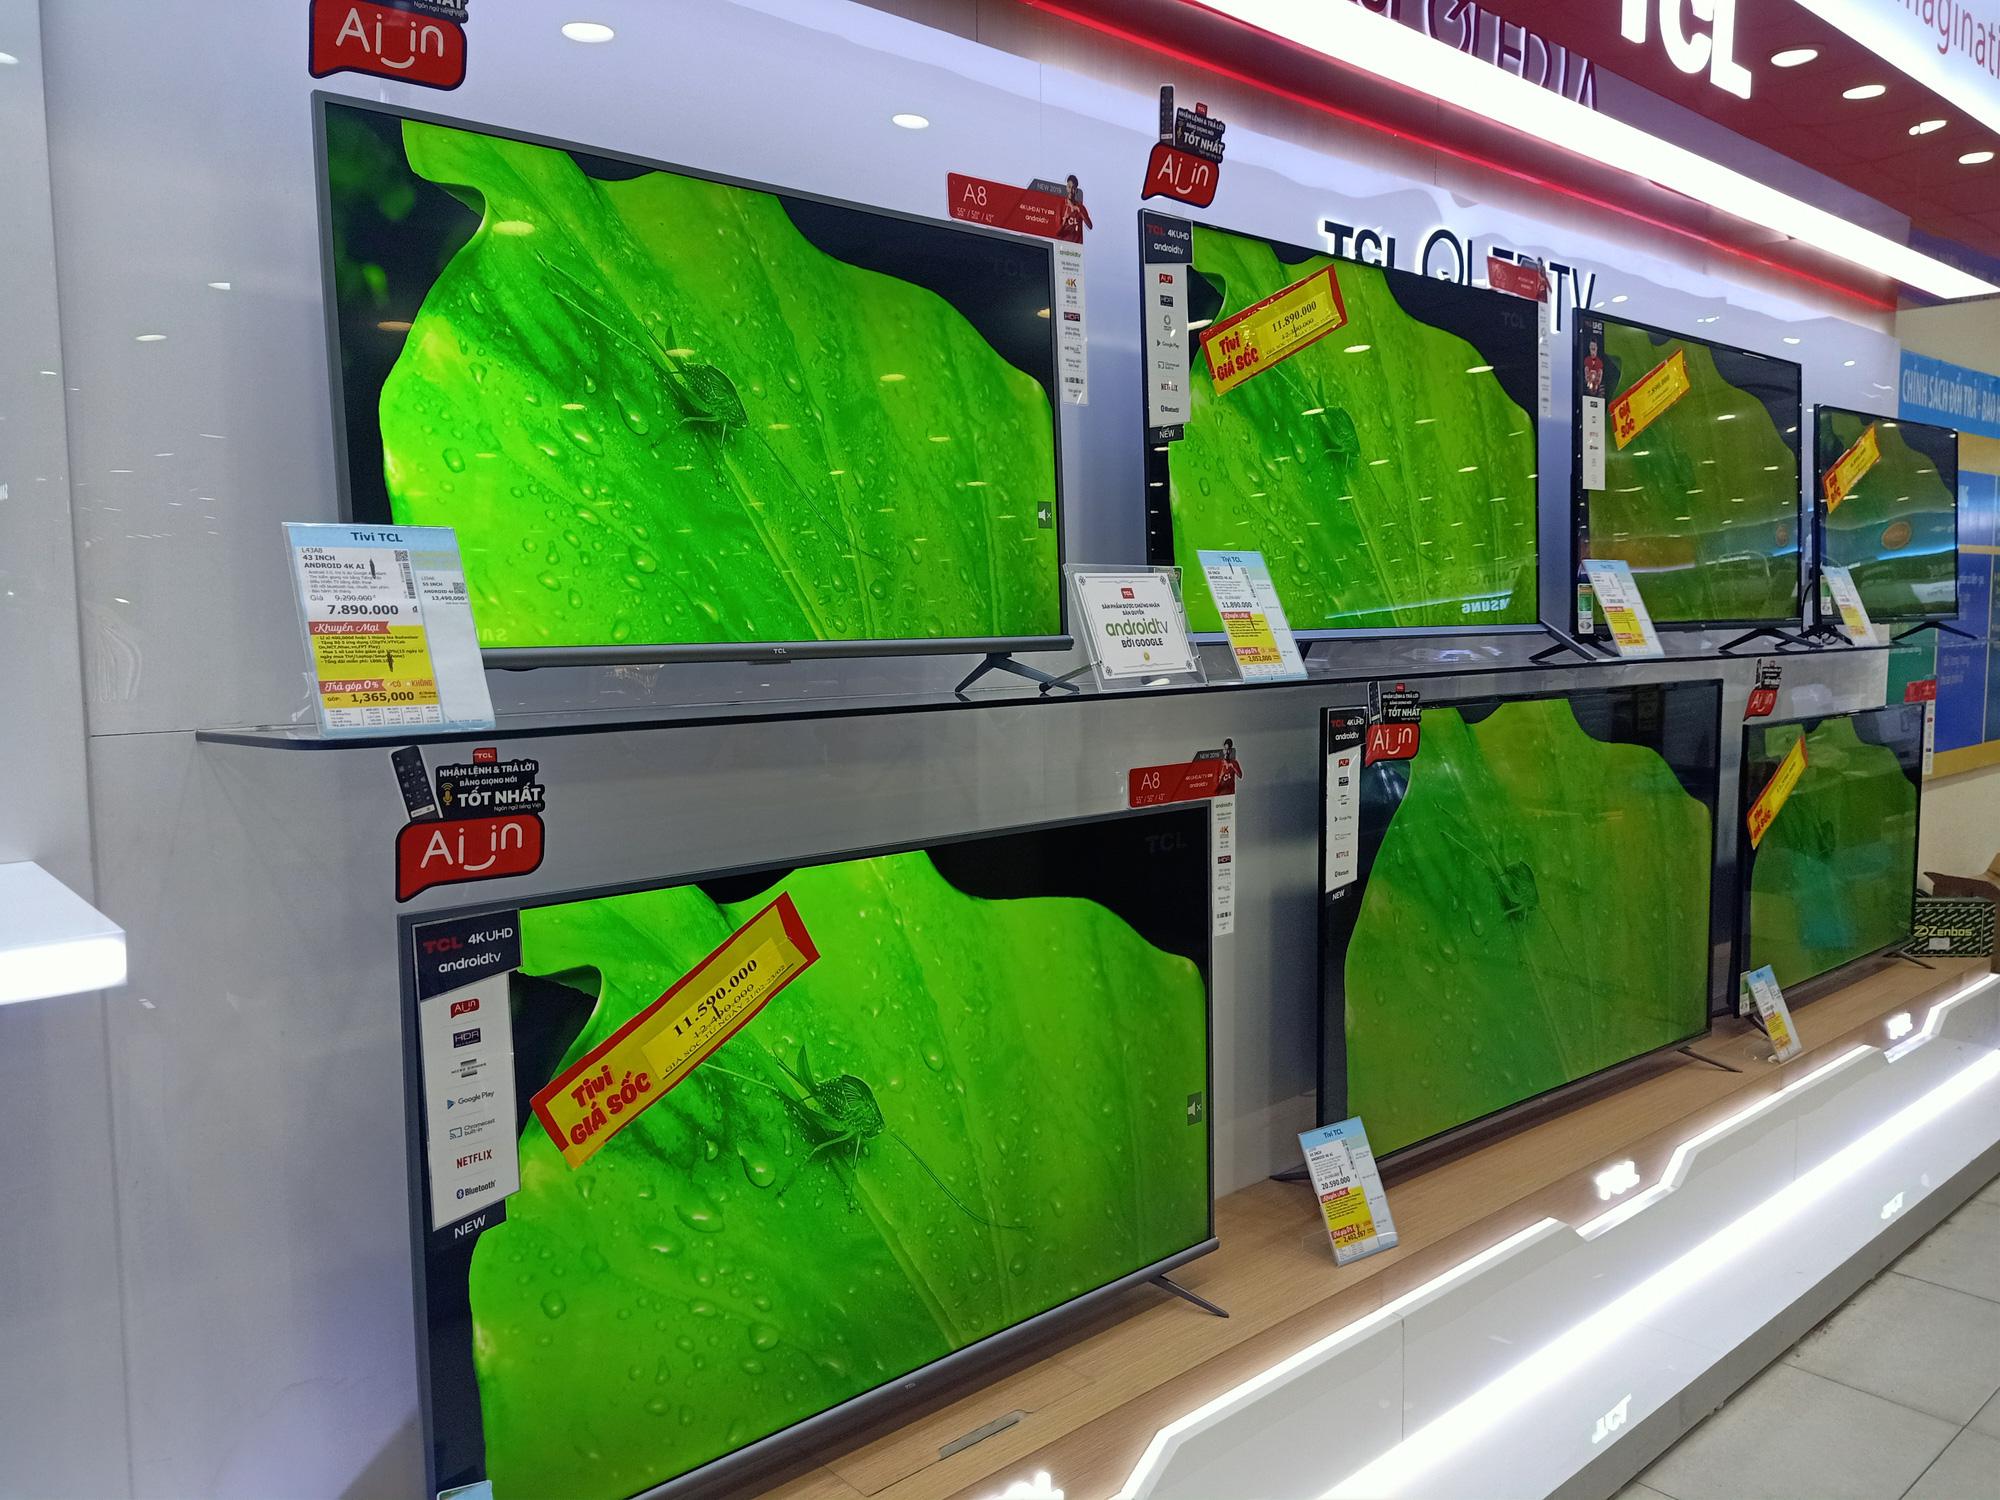 Nhiều tivi giảm giá kích cầu mua sắm để phục vụ cho nhu cầu giải trí tại gia - Ảnh 3.